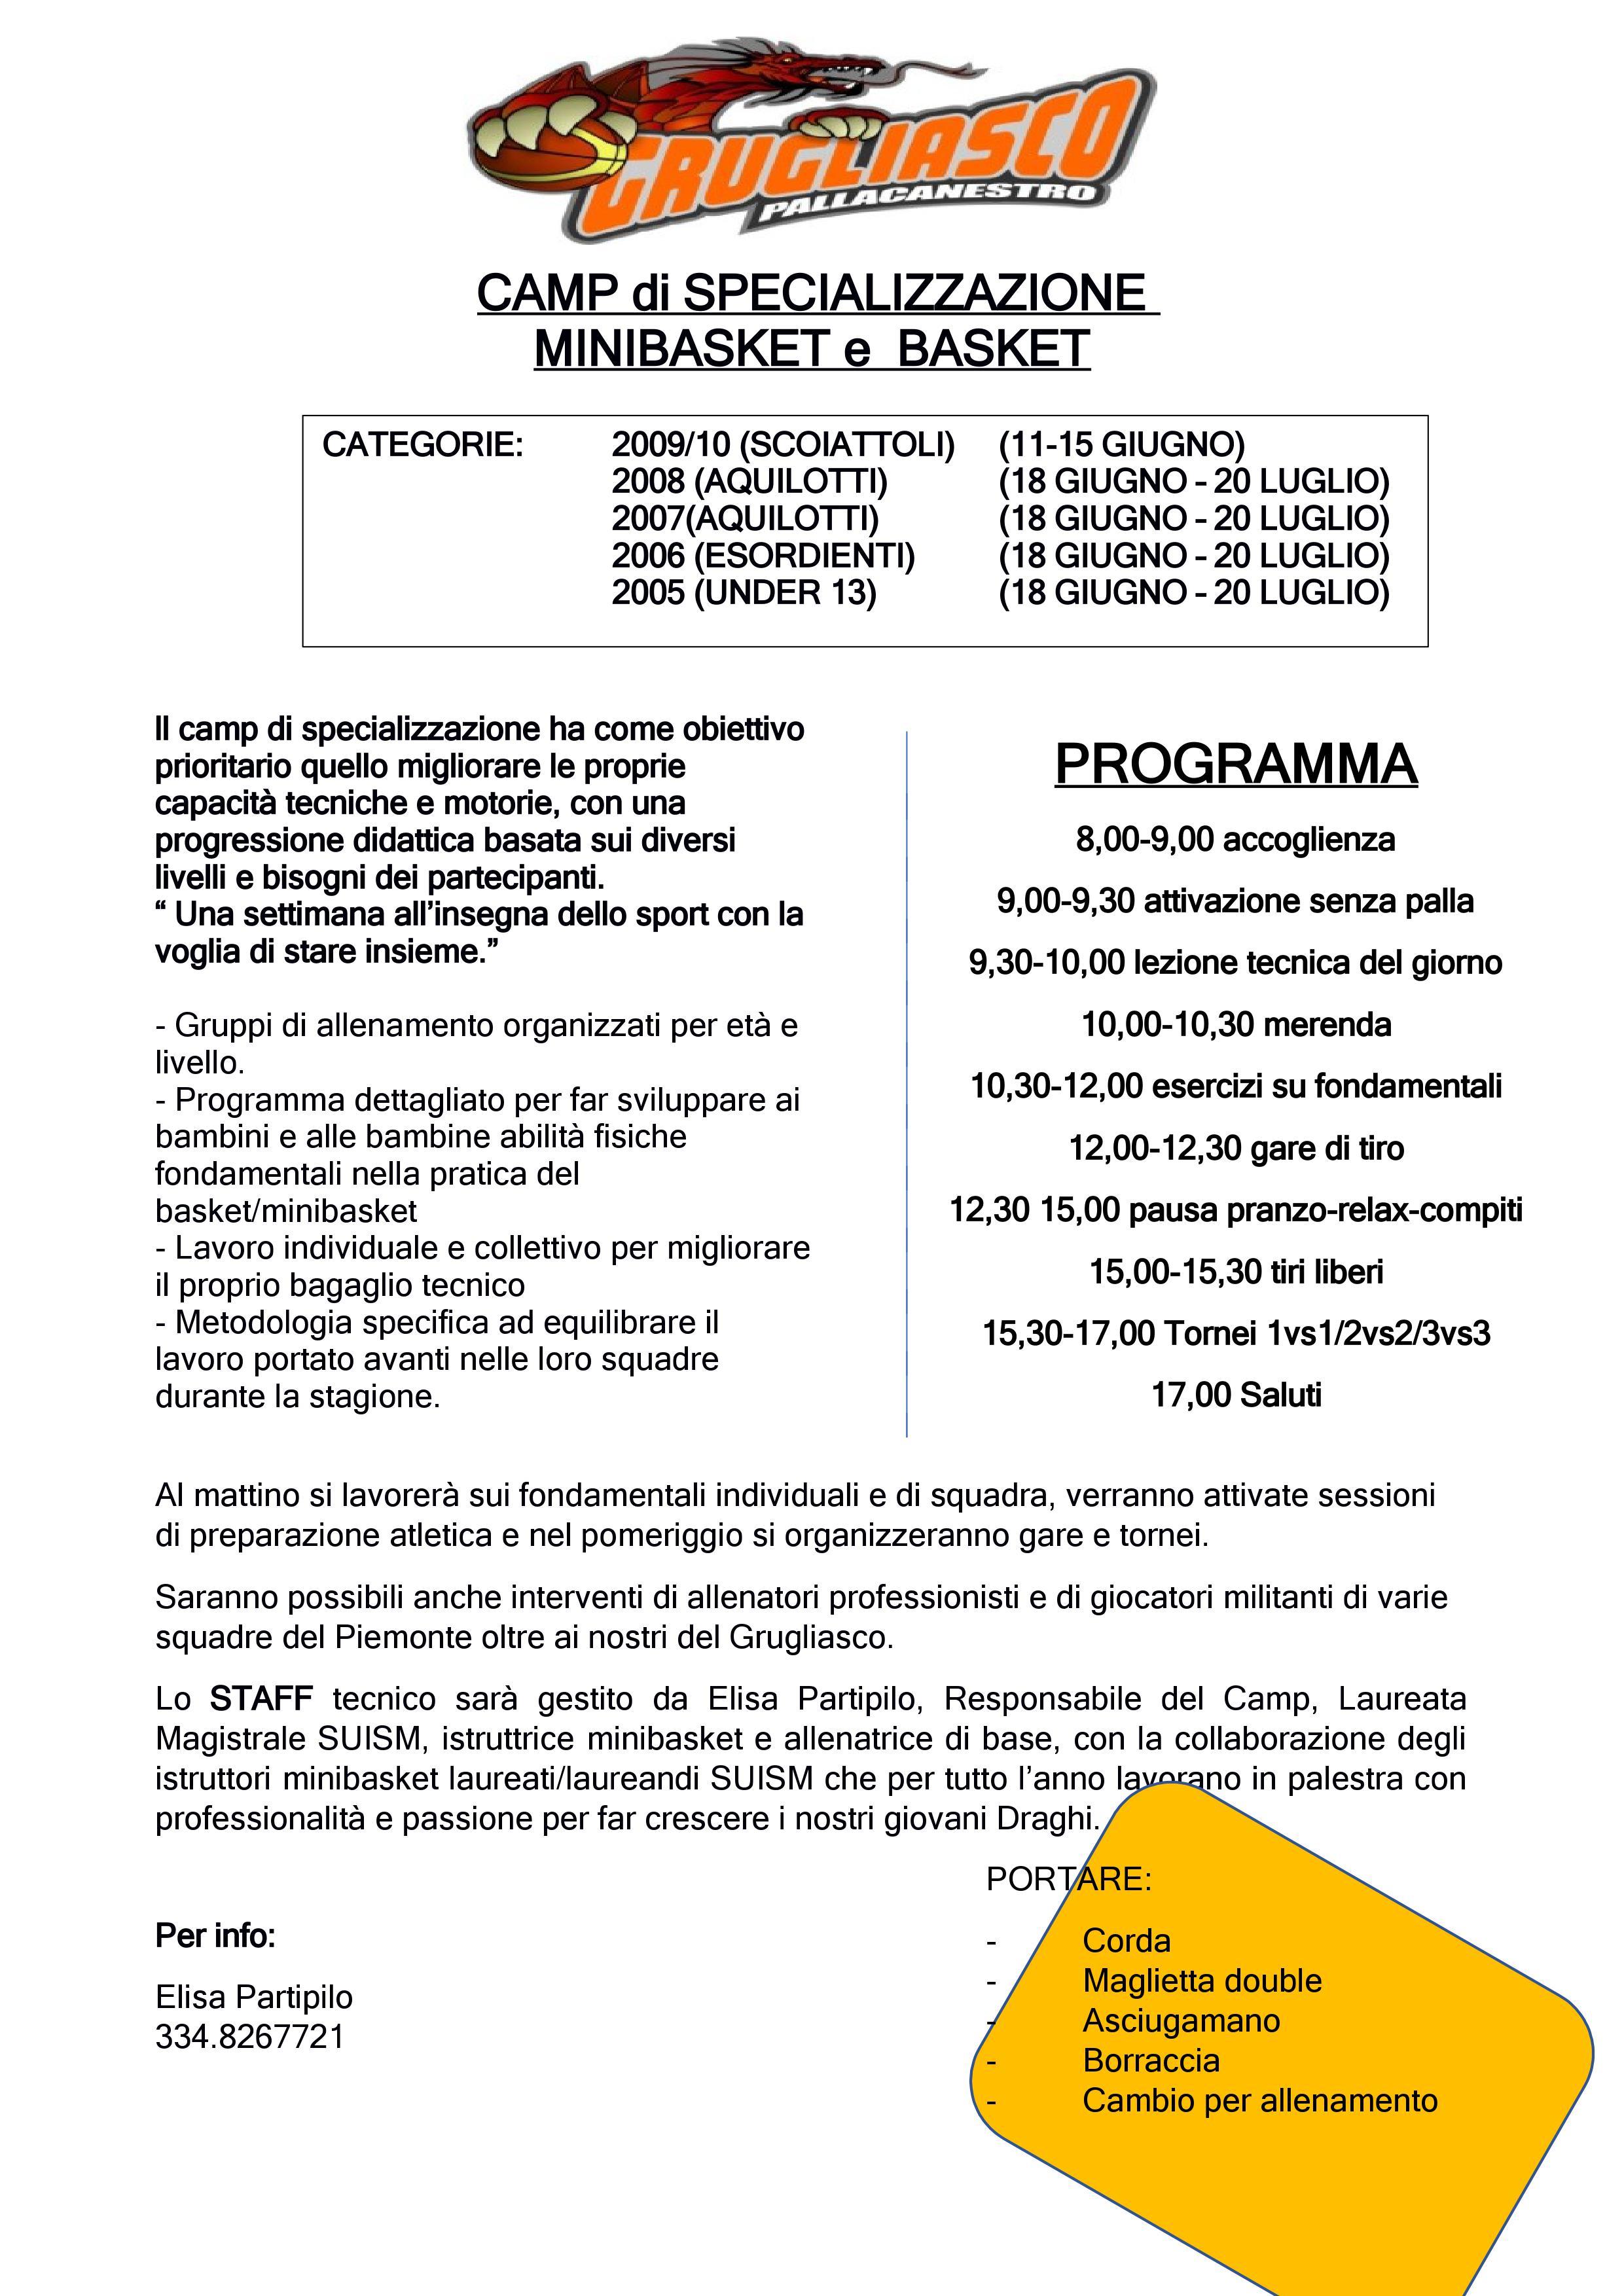 Festa finale Trofeo Grugliasco